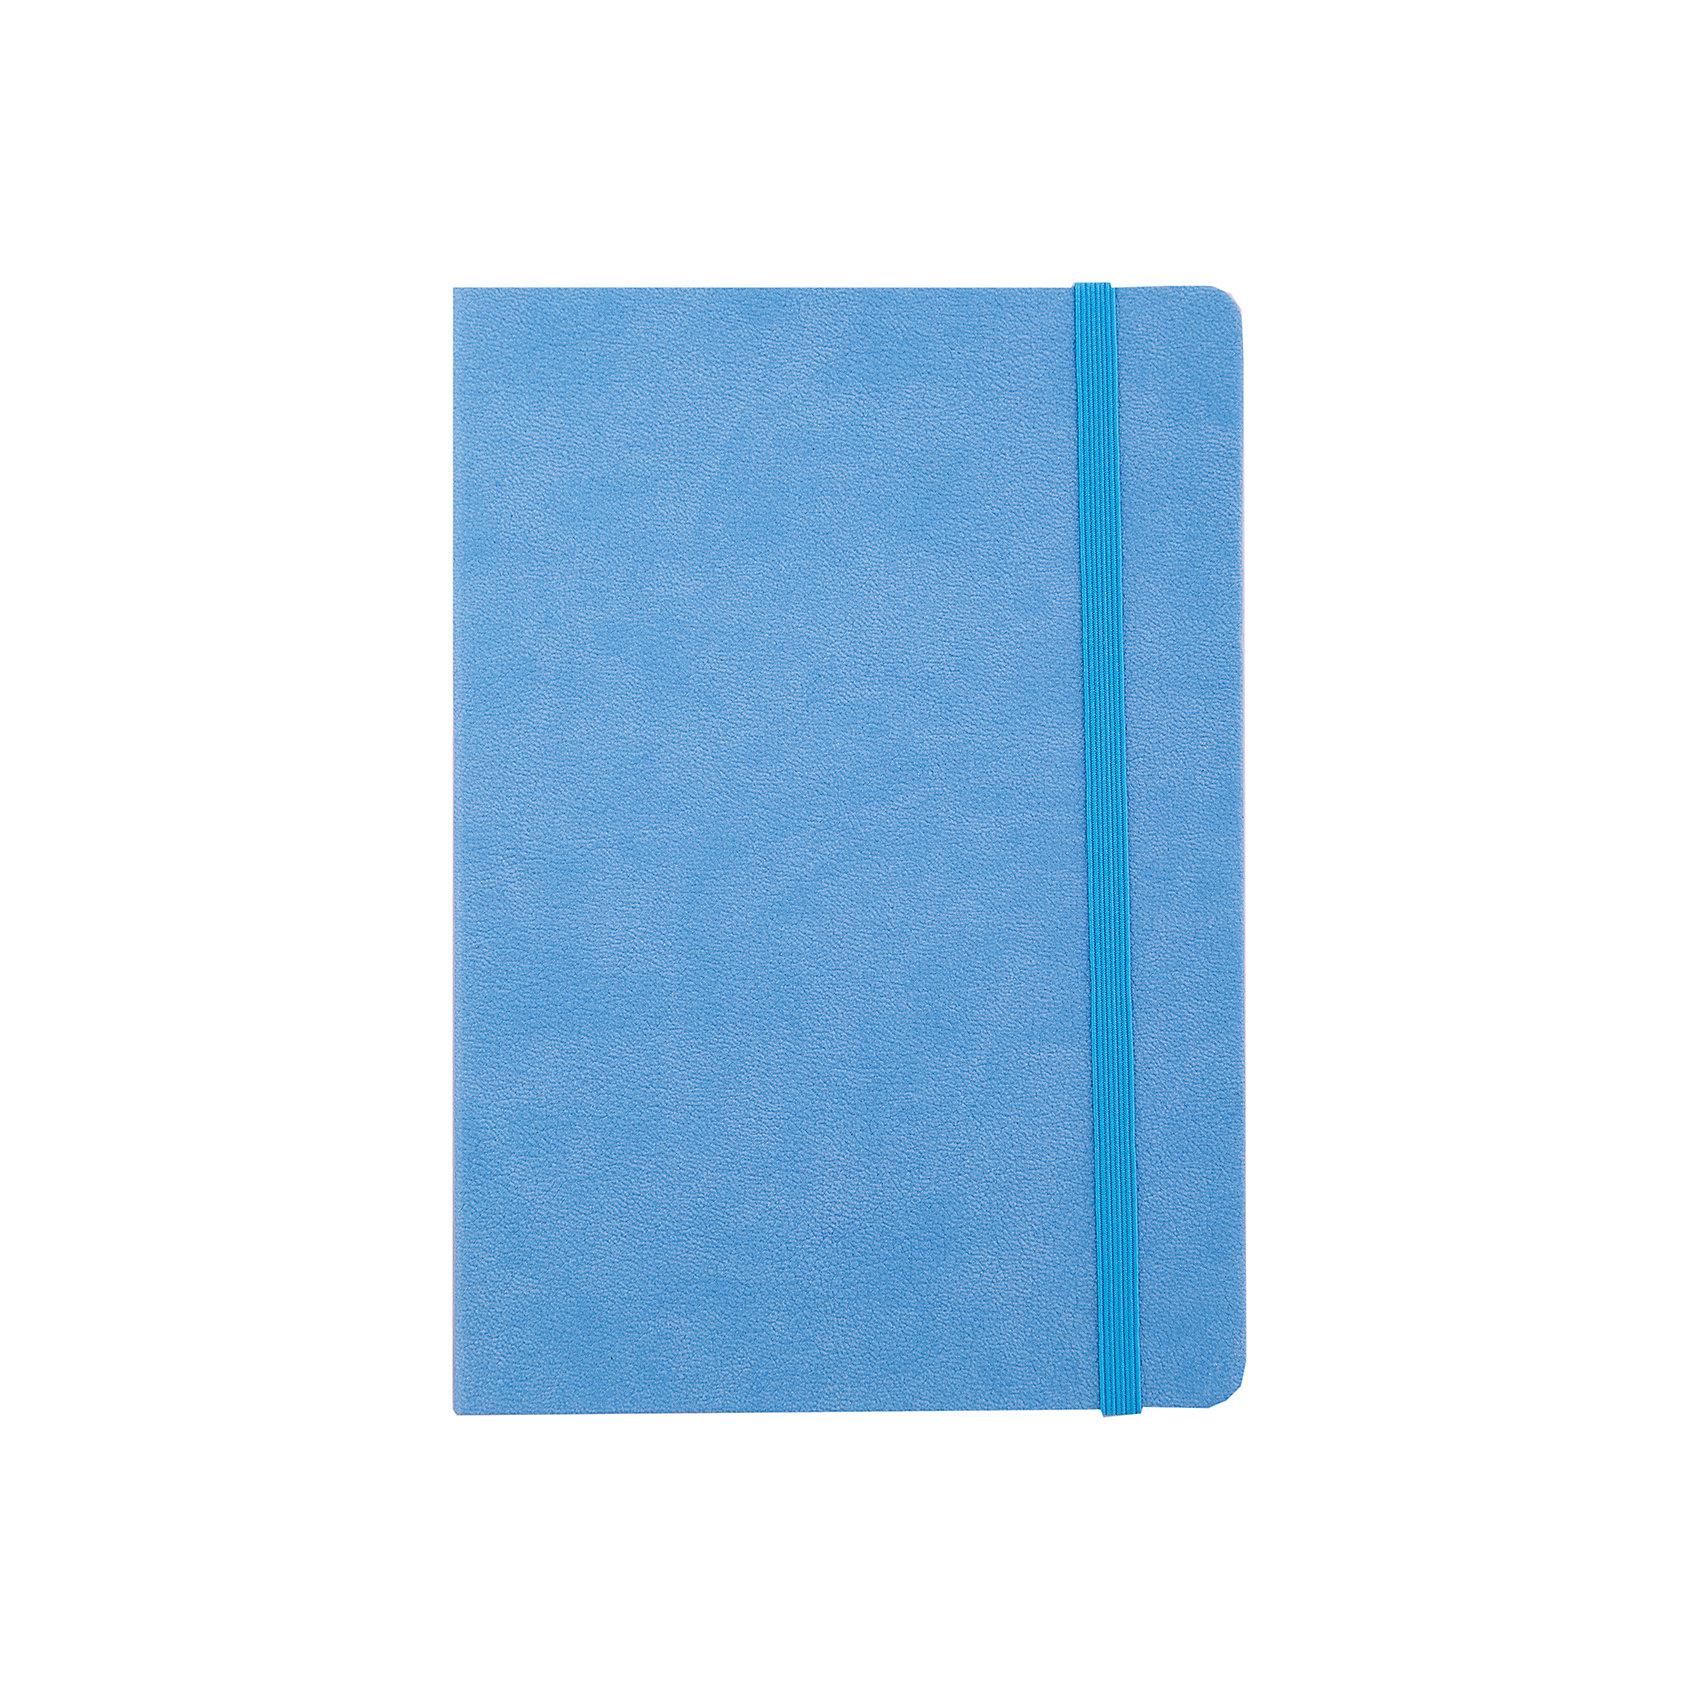 Записная книга на резинке Феникс+, голубойБумажная продукция<br>Записная книга на резинке ГОЛУБОЙ (обложка кожзам, 145х205 мм, мягкий переплет, внутр. блок в клетку, 192 страницы, офсет, ляссе)<br><br>Ширина мм: 205<br>Глубина мм: 140<br>Высота мм: 10<br>Вес г: 250<br>Возраст от месяцев: 72<br>Возраст до месяцев: 2147483647<br>Пол: Унисекс<br>Возраст: Детский<br>SKU: 7046206